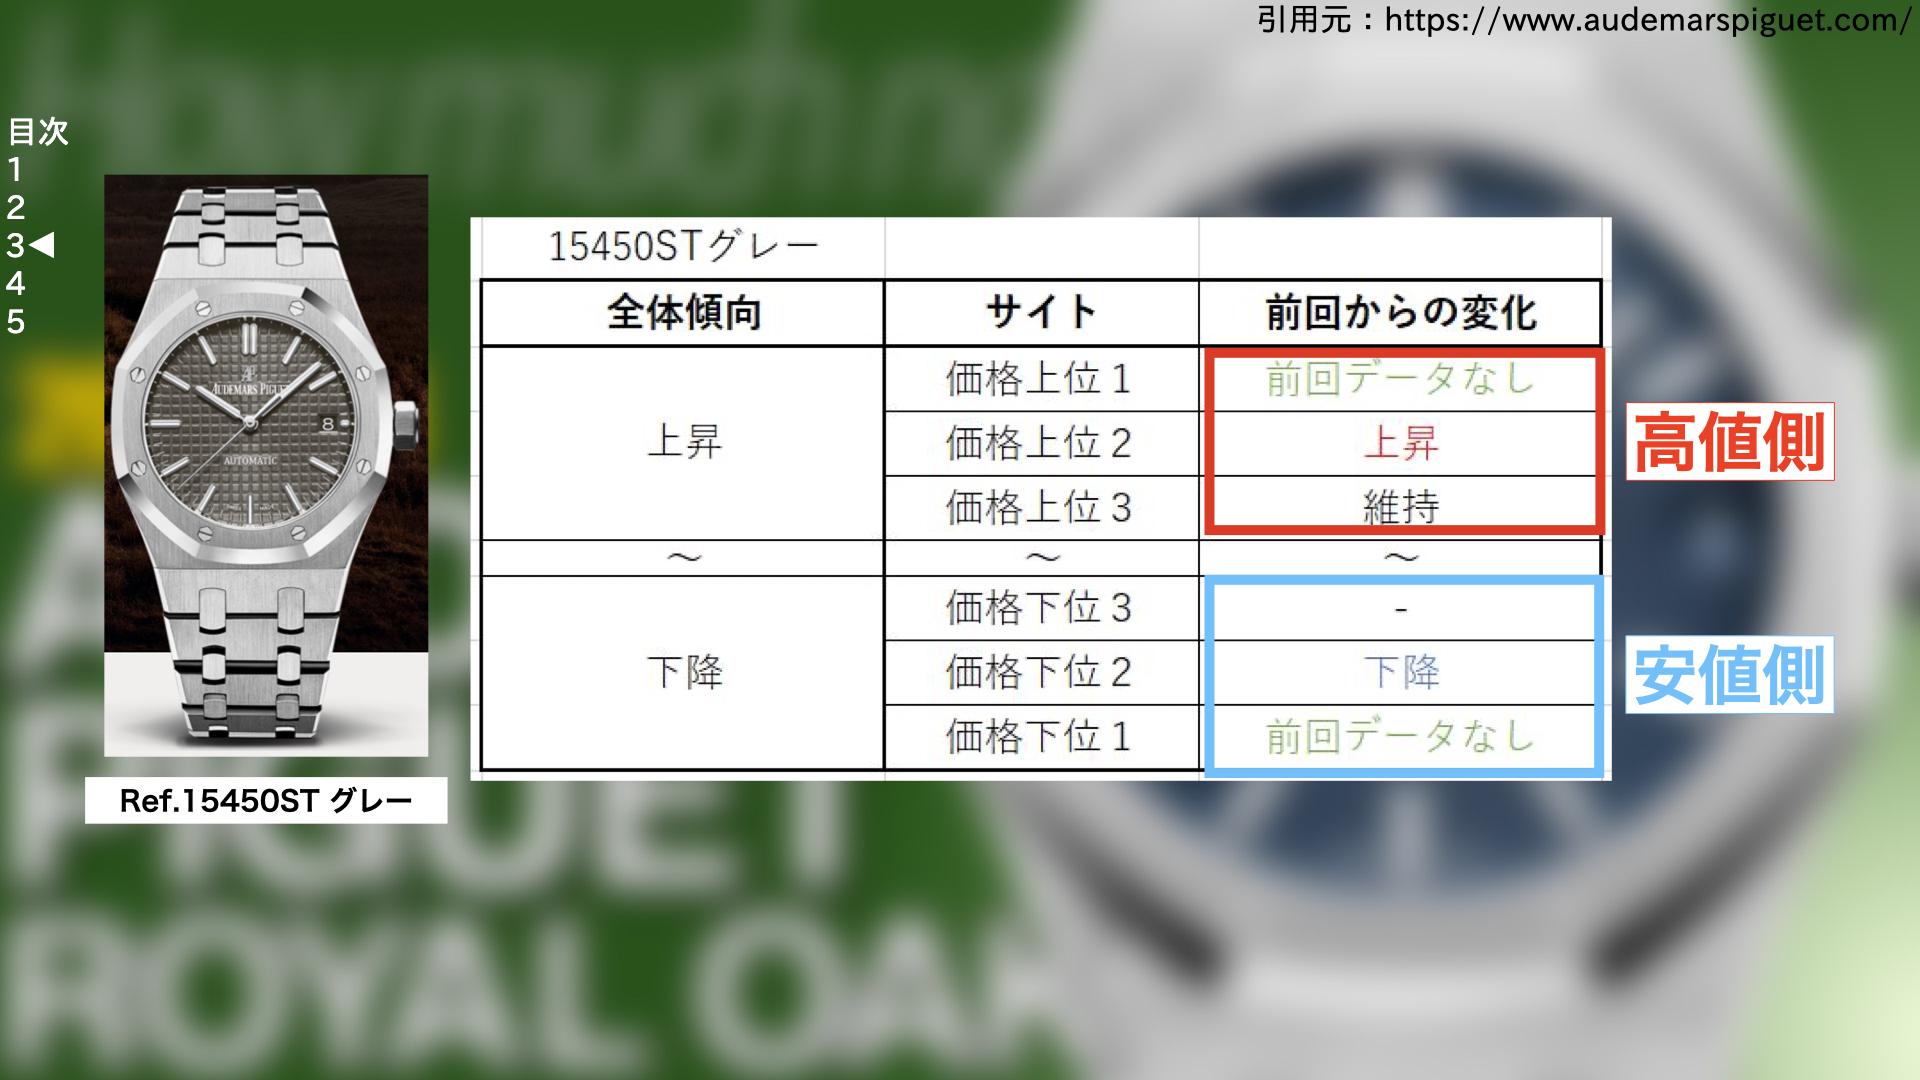 スライド_200418【買取価格】ロイヤルオーク.011